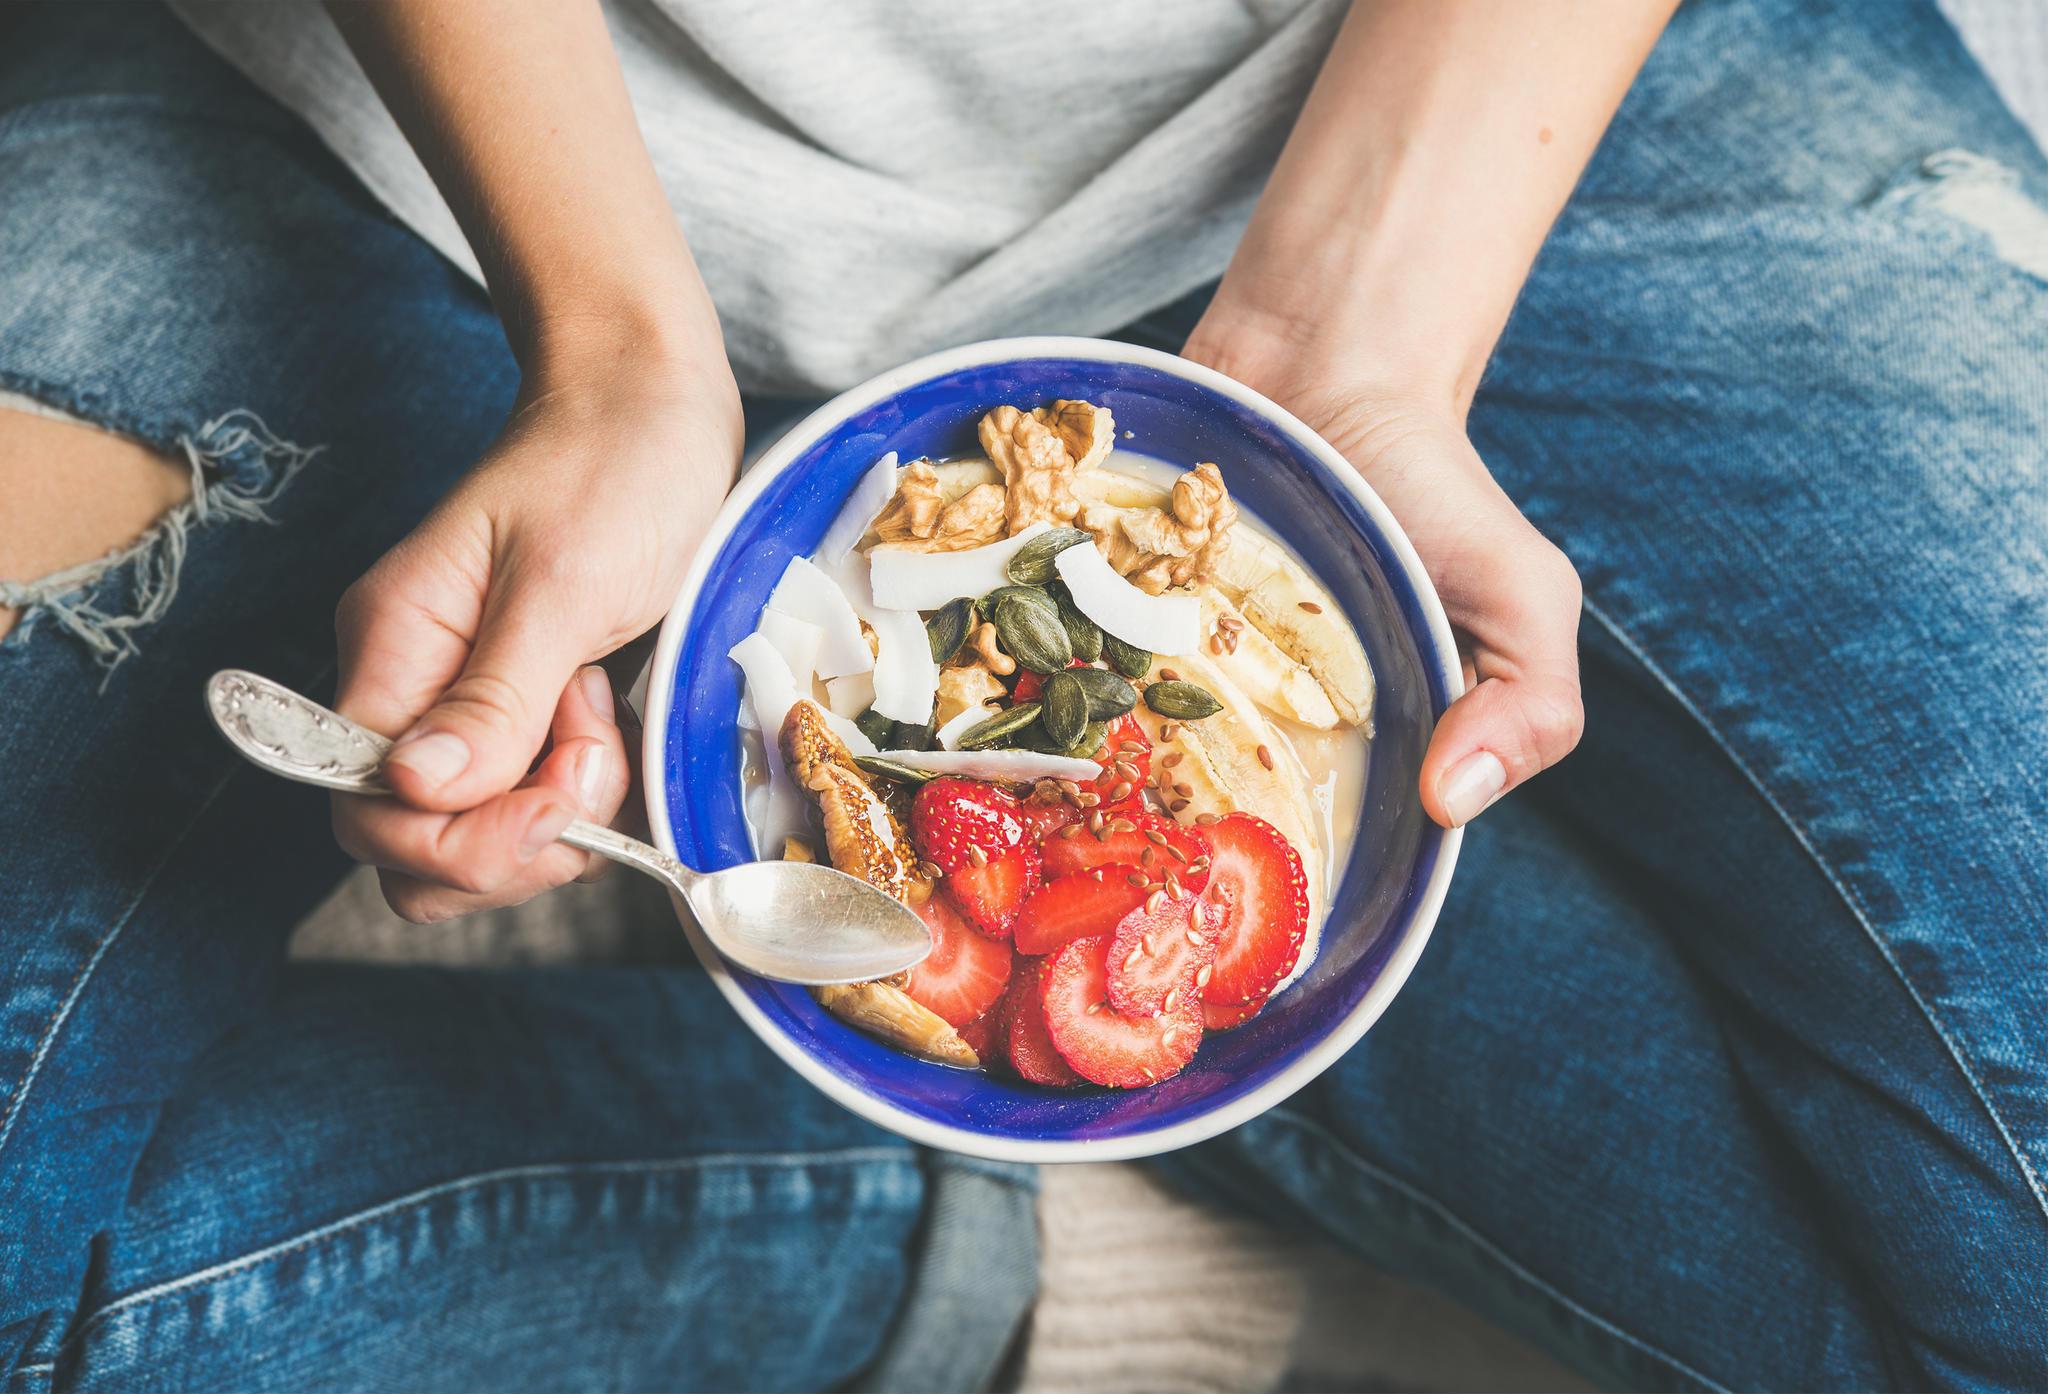 Clean Eating im Check: Was taugt der Ernährungstrend? | STERN.de